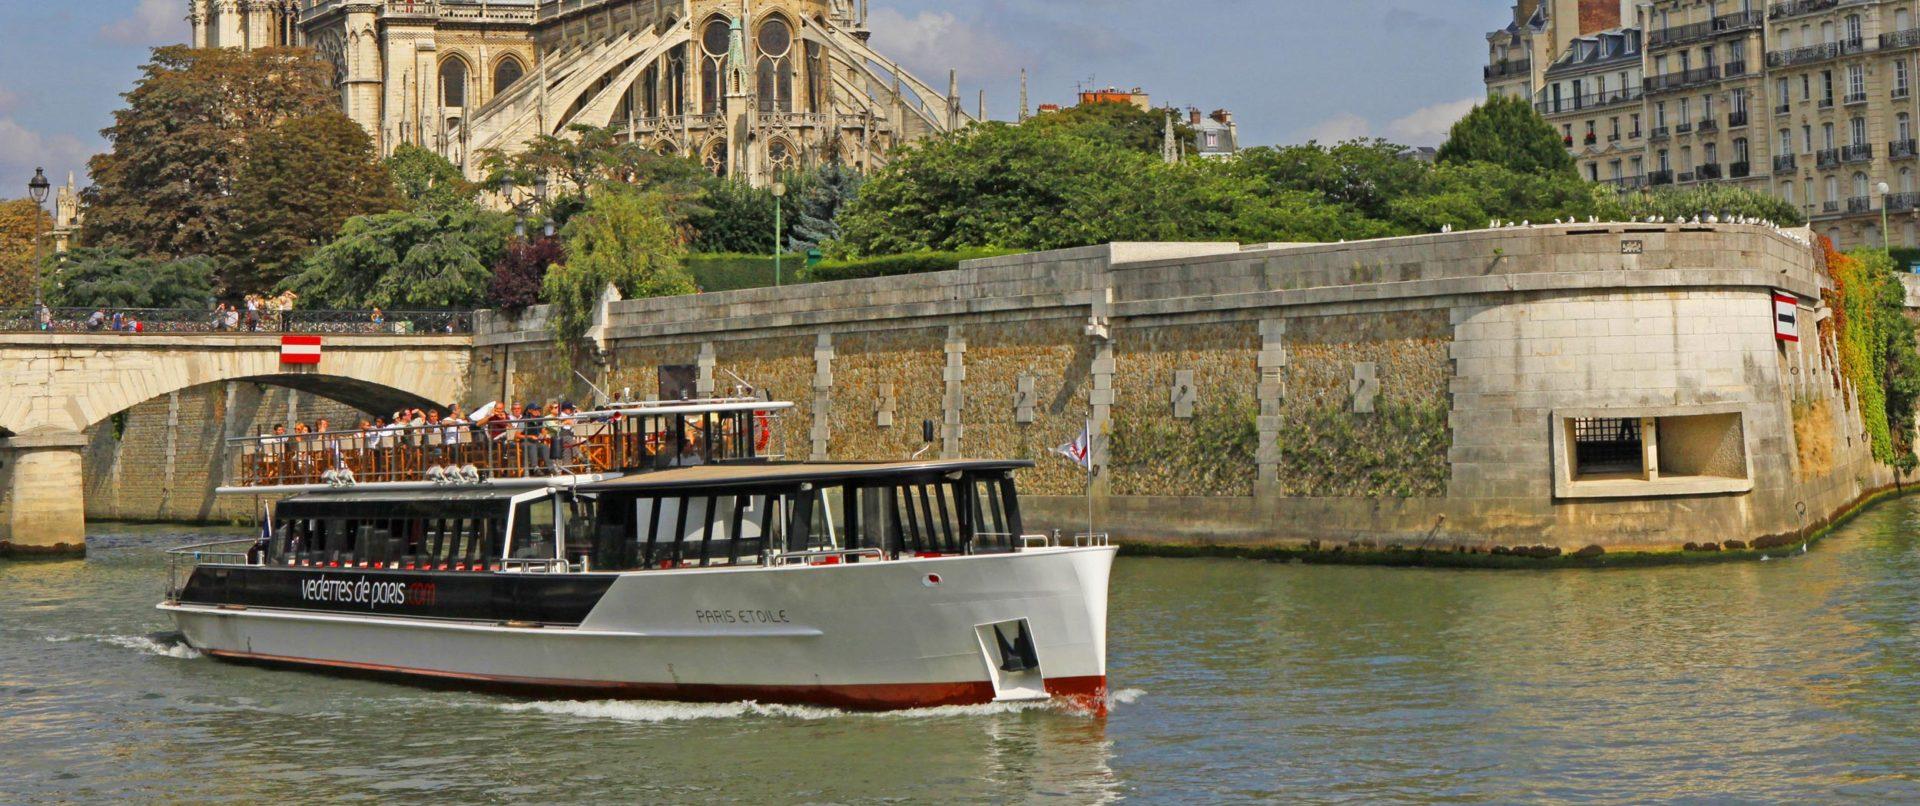 seine-river-cruise-family-tour-paris